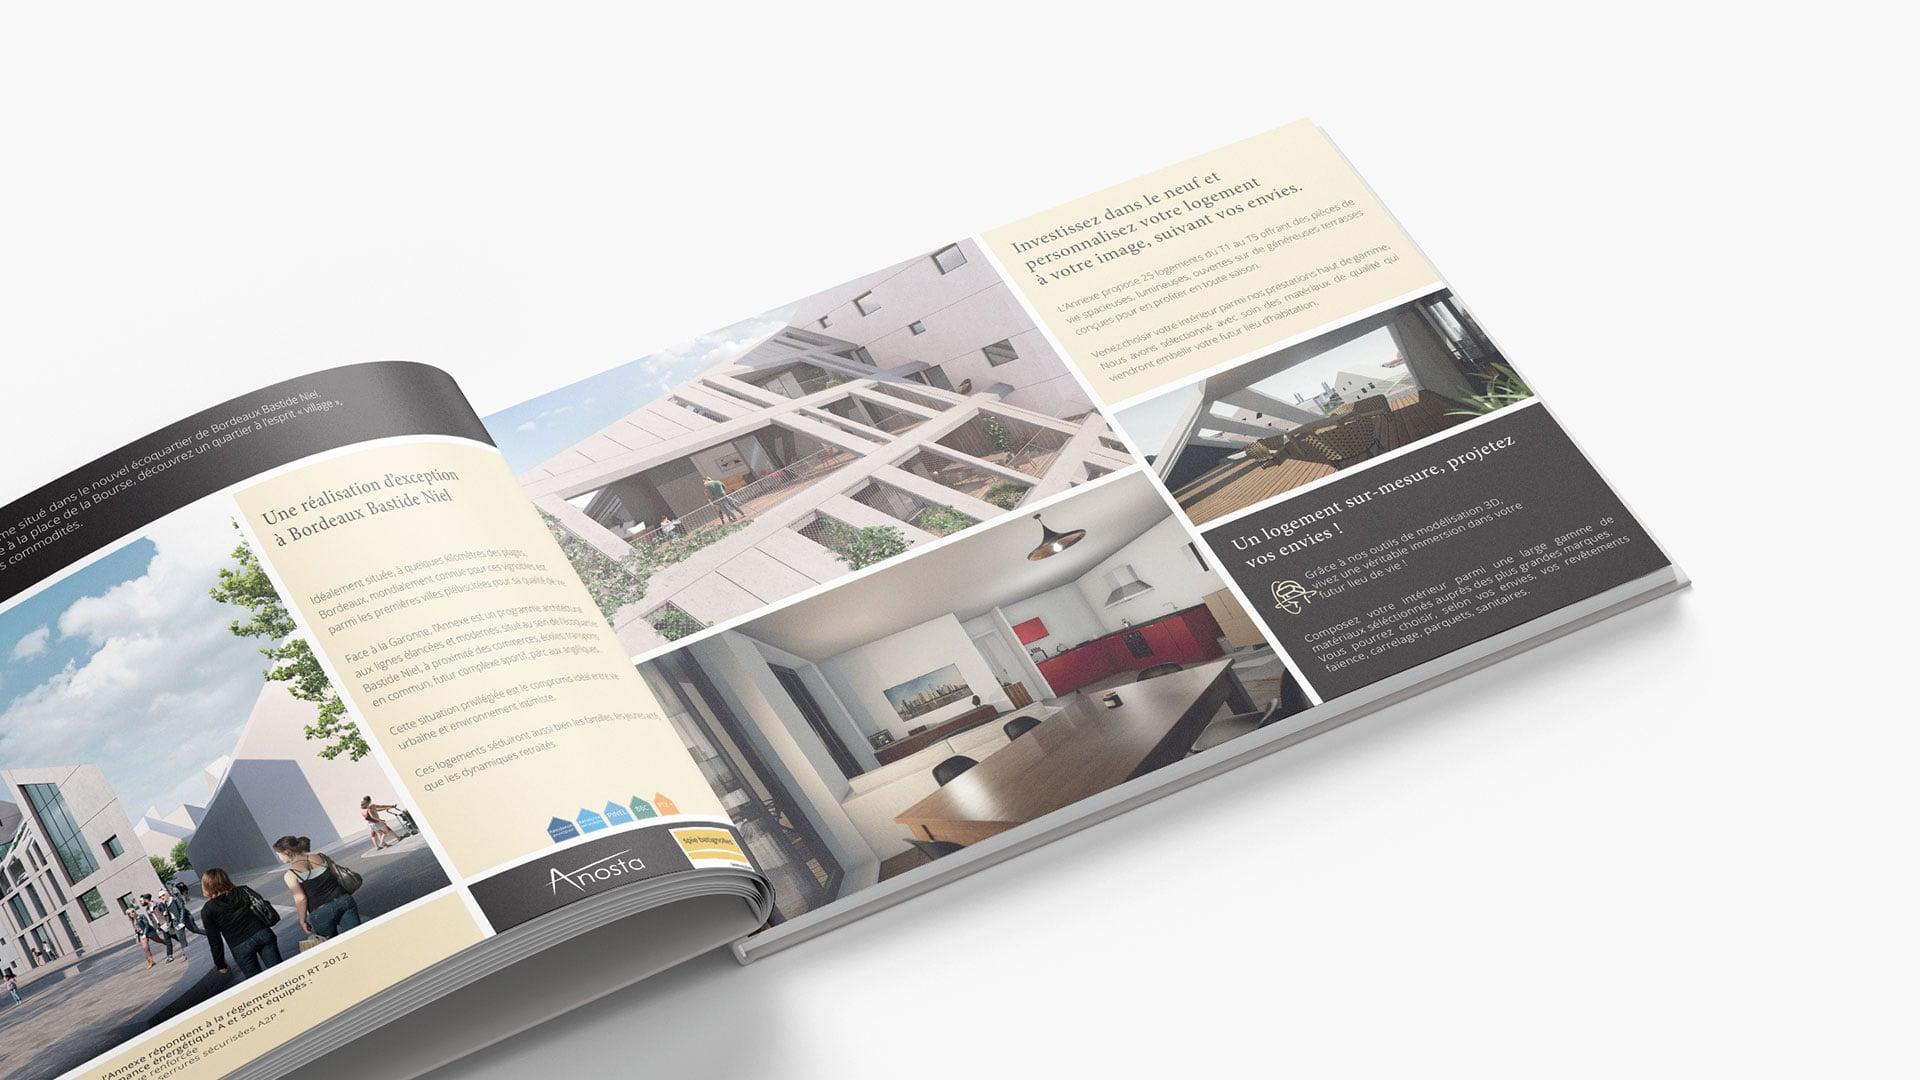 Programme immobilier Bordeaux L'Annexe Anosta